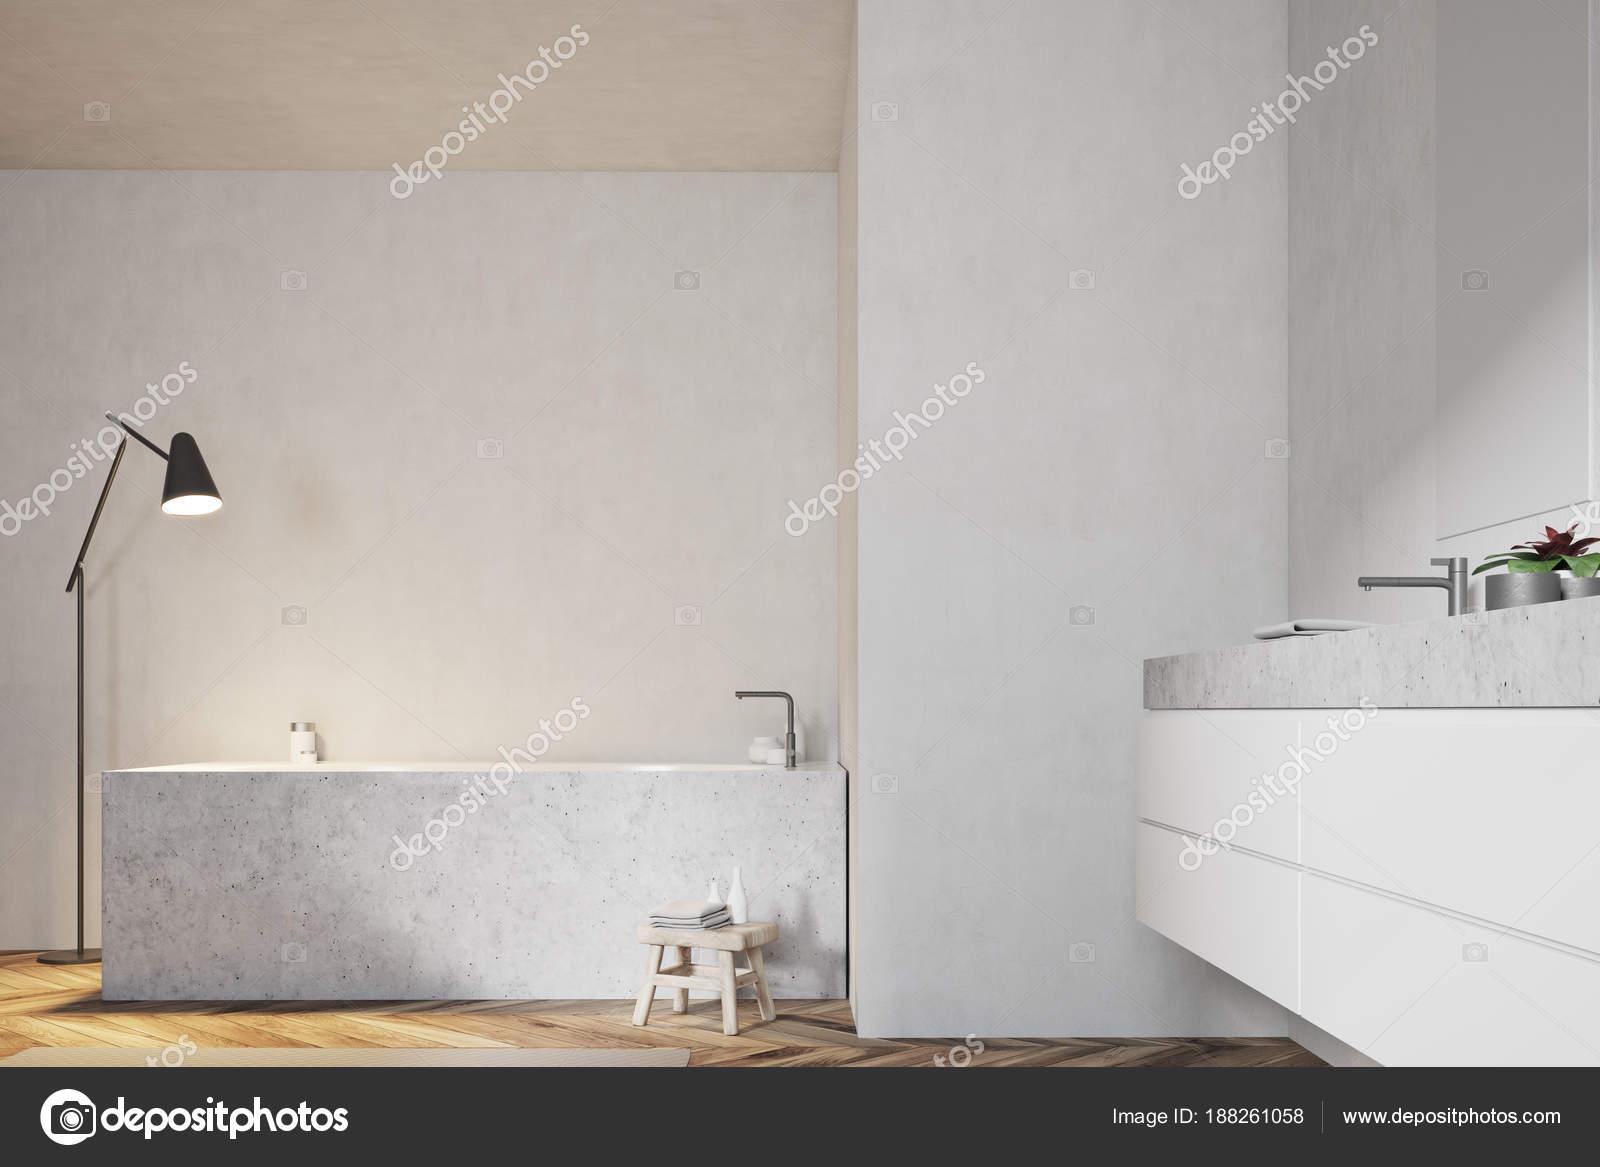 Lavello Bagno Angolare : Bagno bianco vasca angolare e lavandino u2014 foto stock